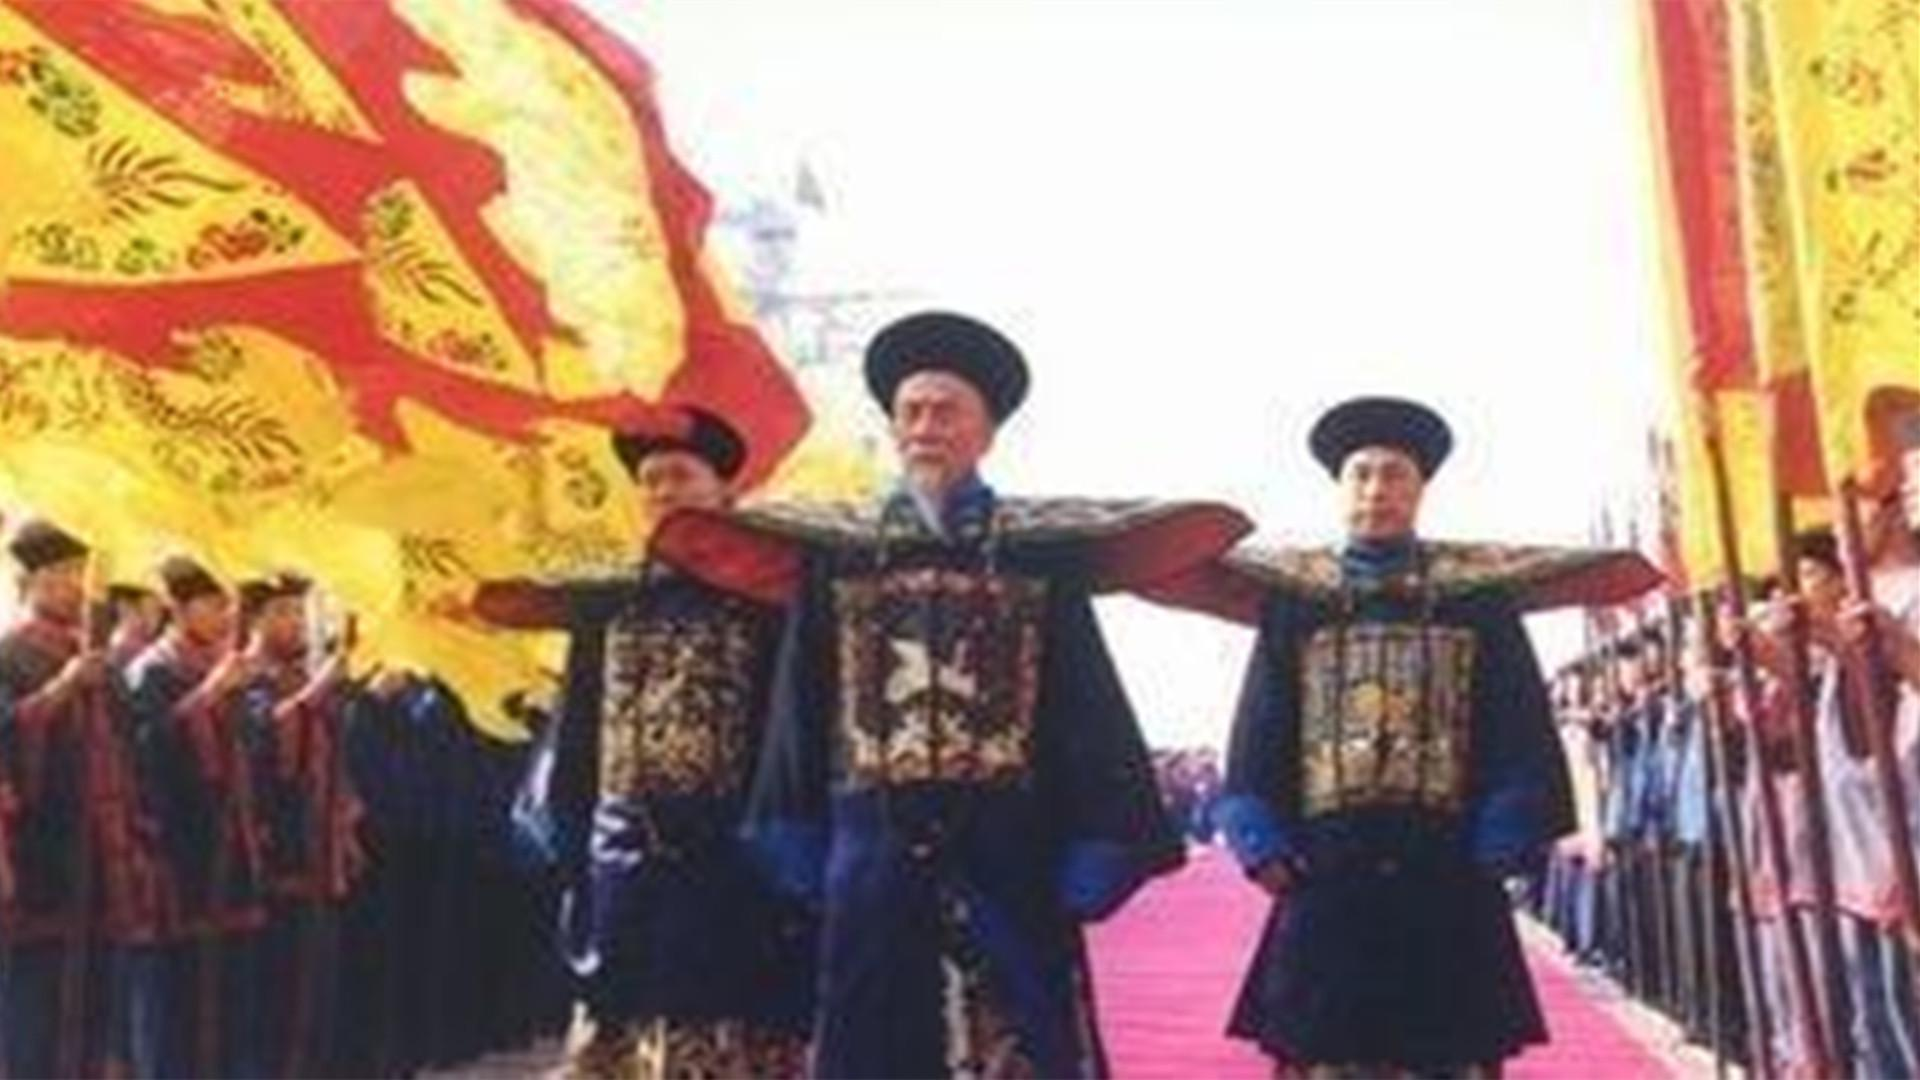 李鸿章和左宗棠两人都是晚清时的重臣,那么,到底谁更胜一筹呢?